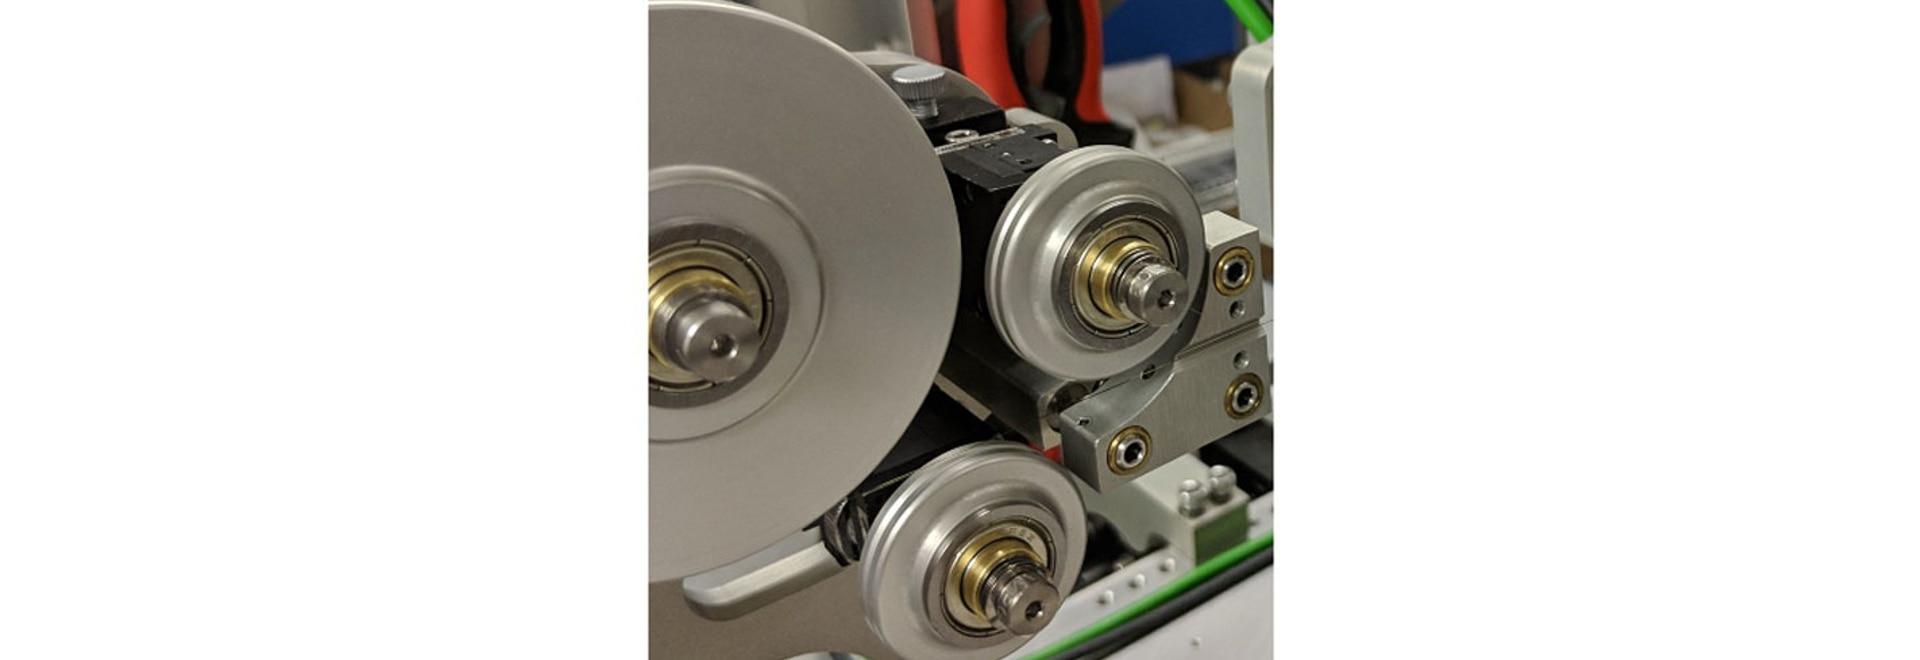 Poulies et composants pour guide-fil de calibre 35 à 50